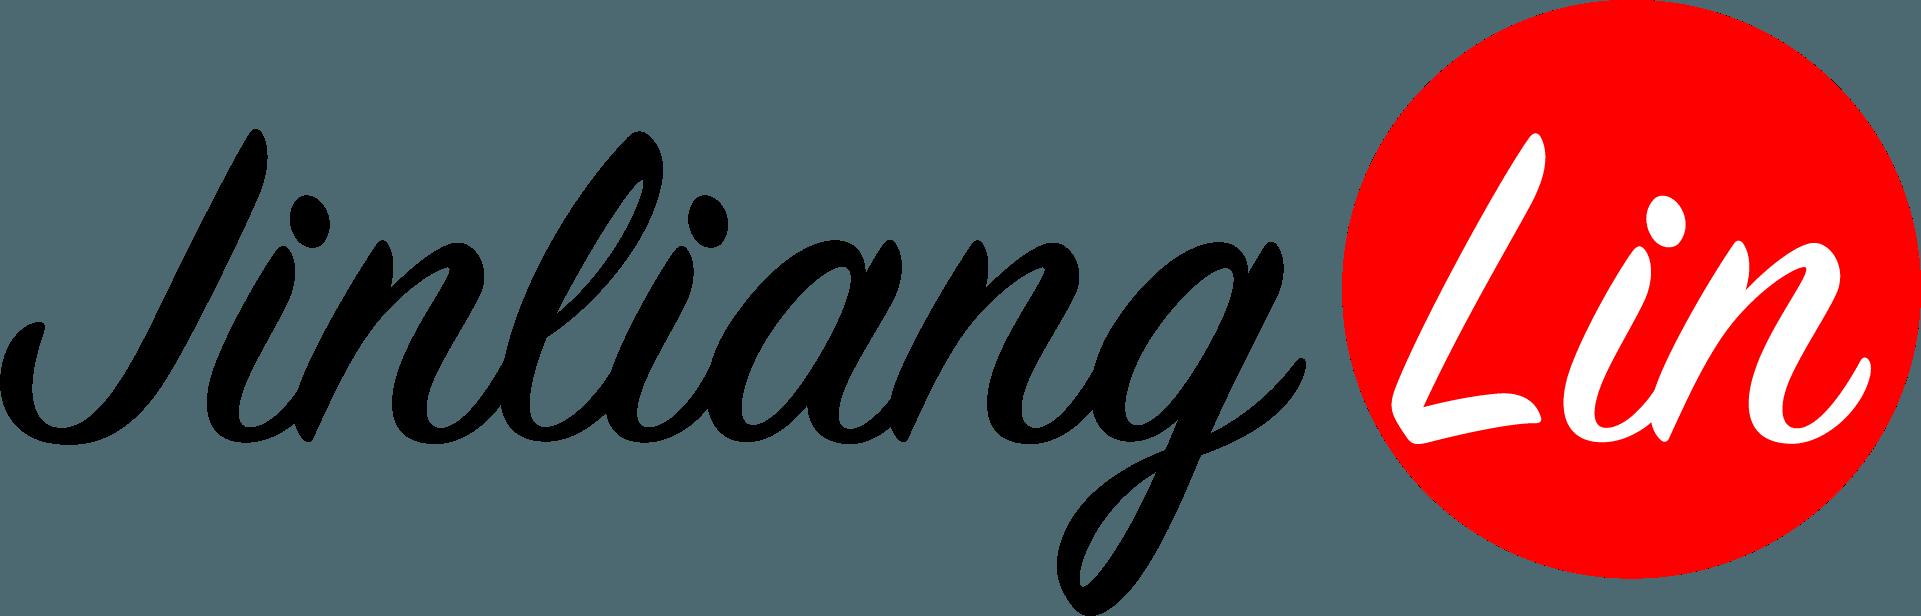 Jinliang Lin Logo